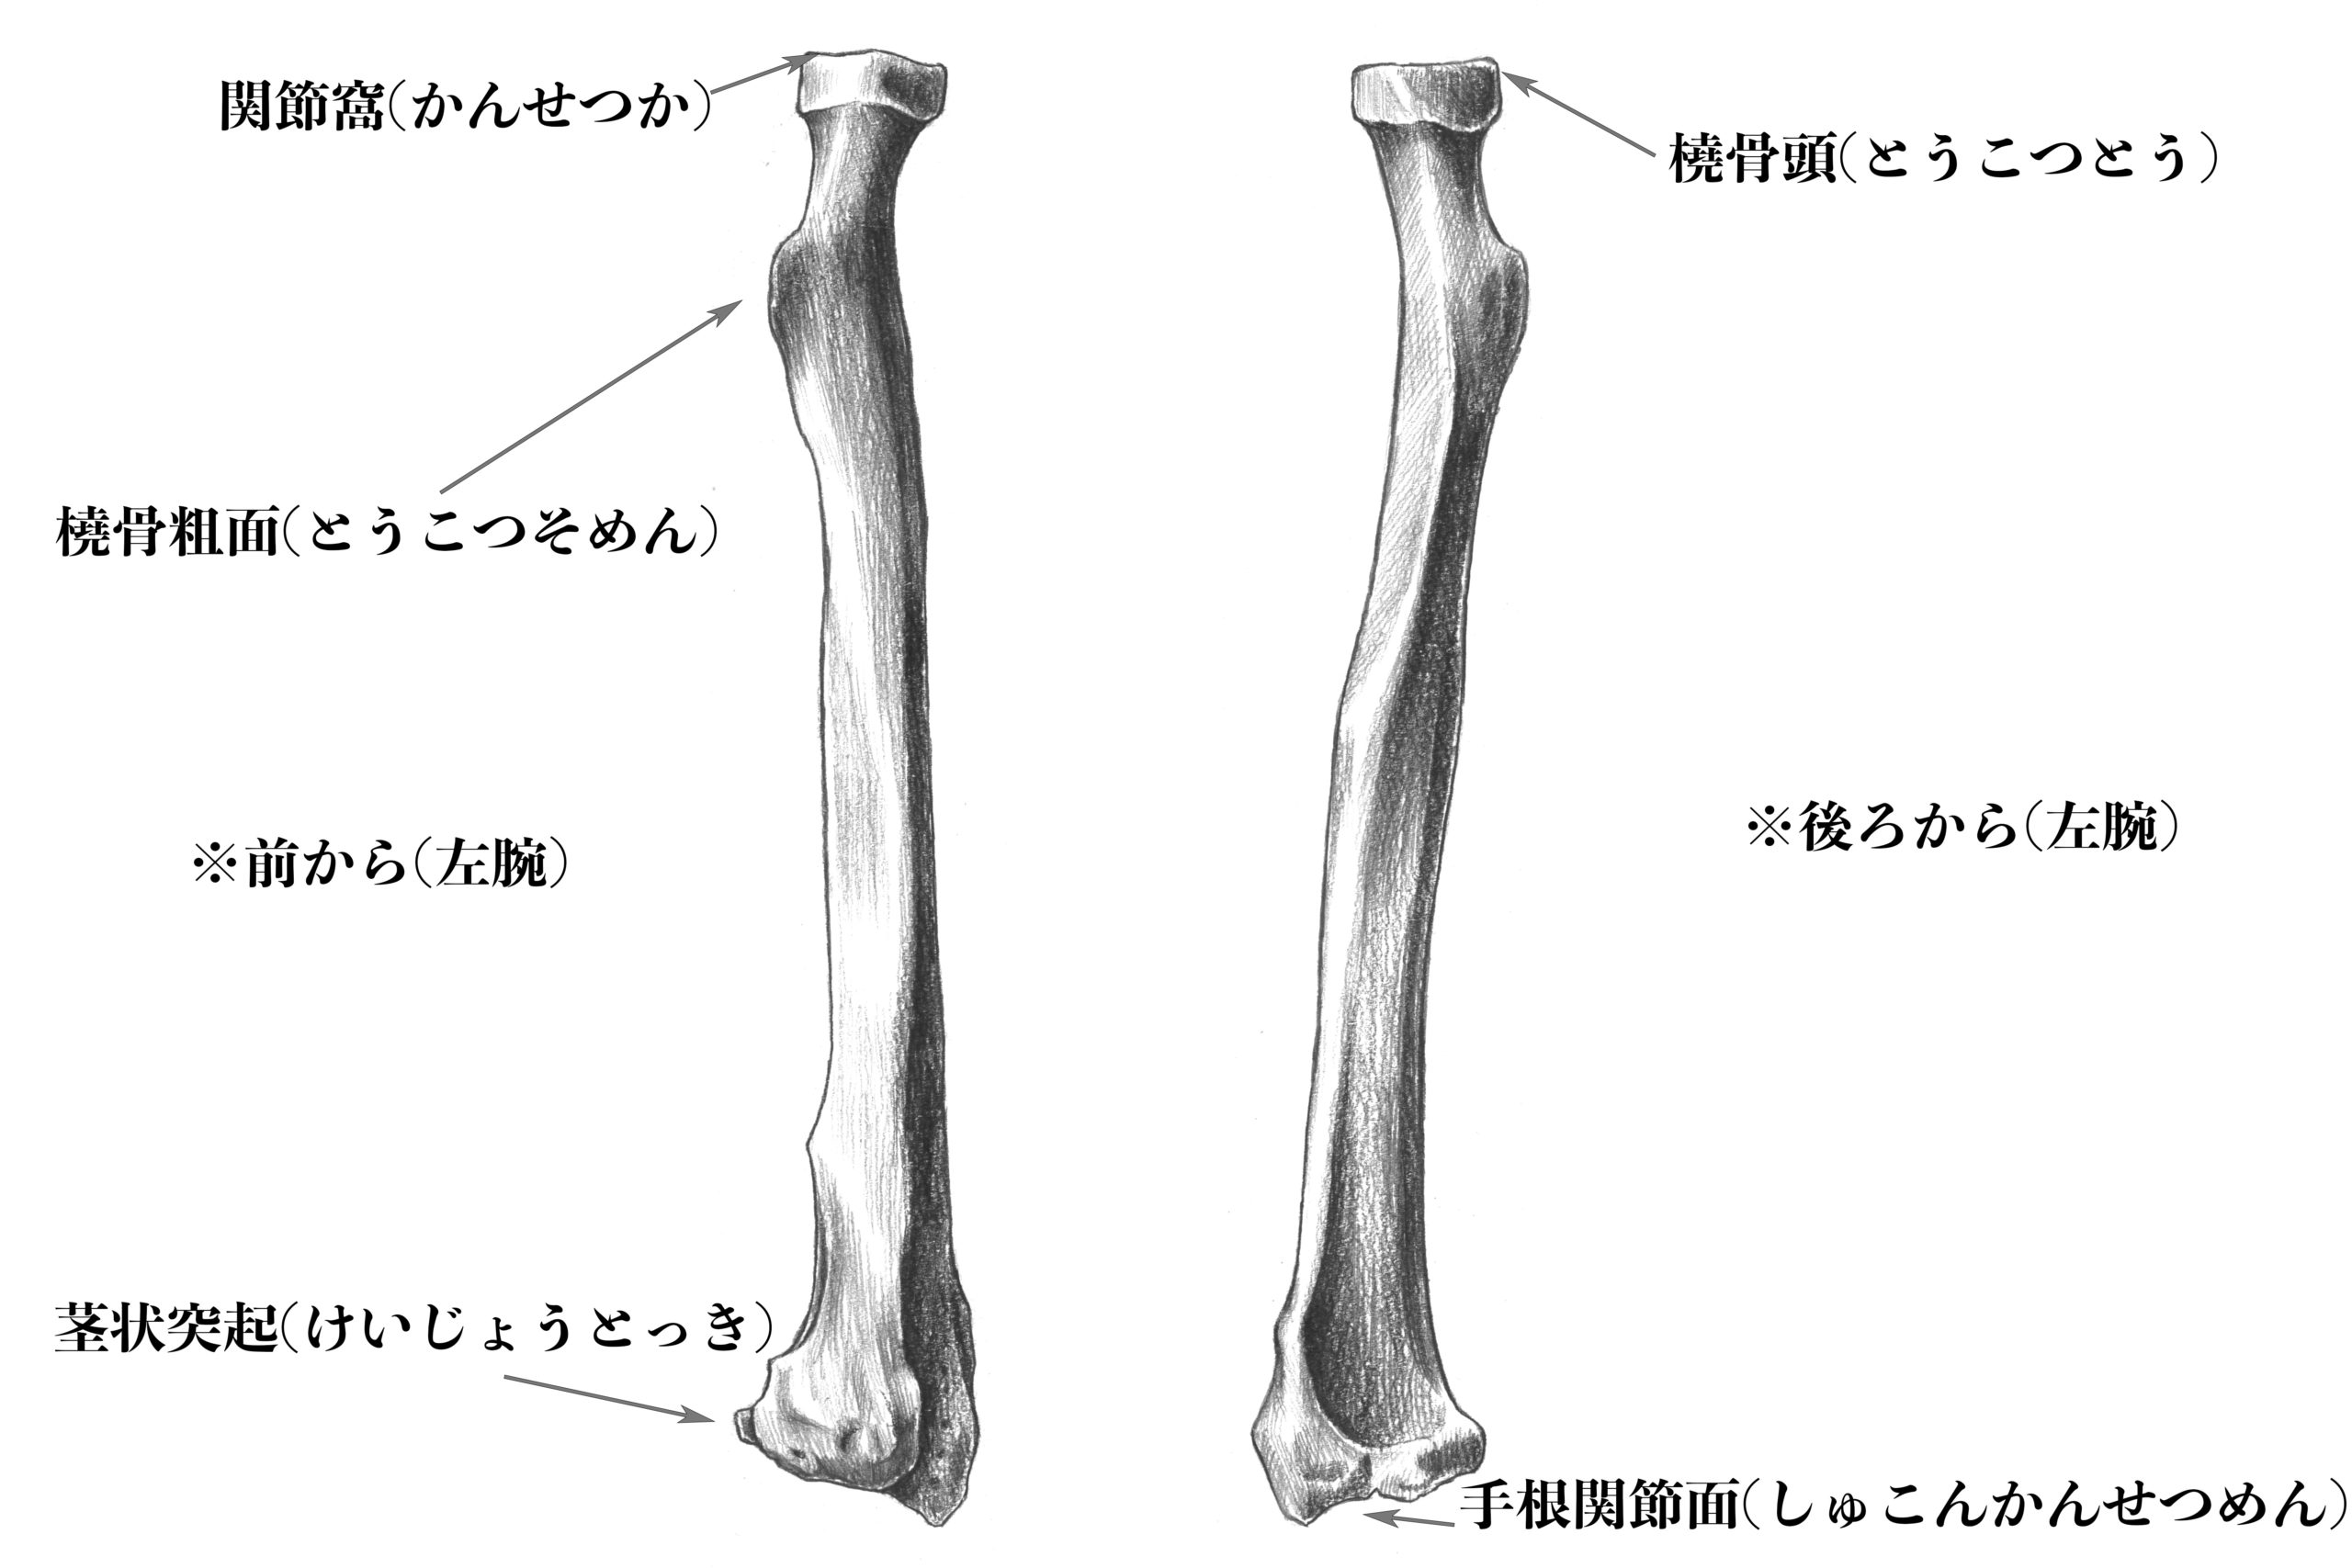 橈骨(前後から)のスケッチ